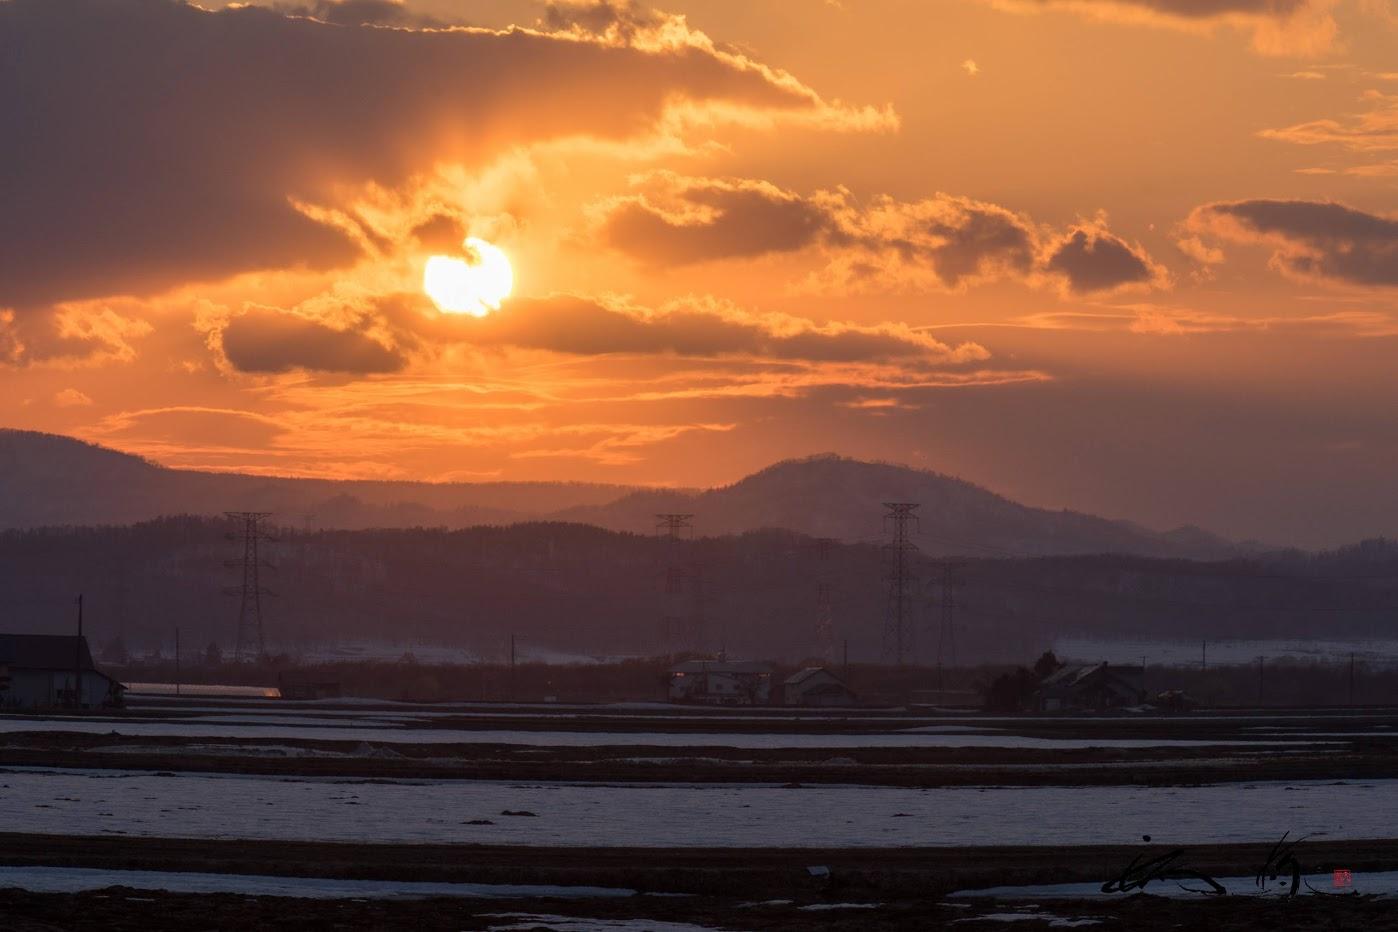 灰色の雲に包まれた夕陽